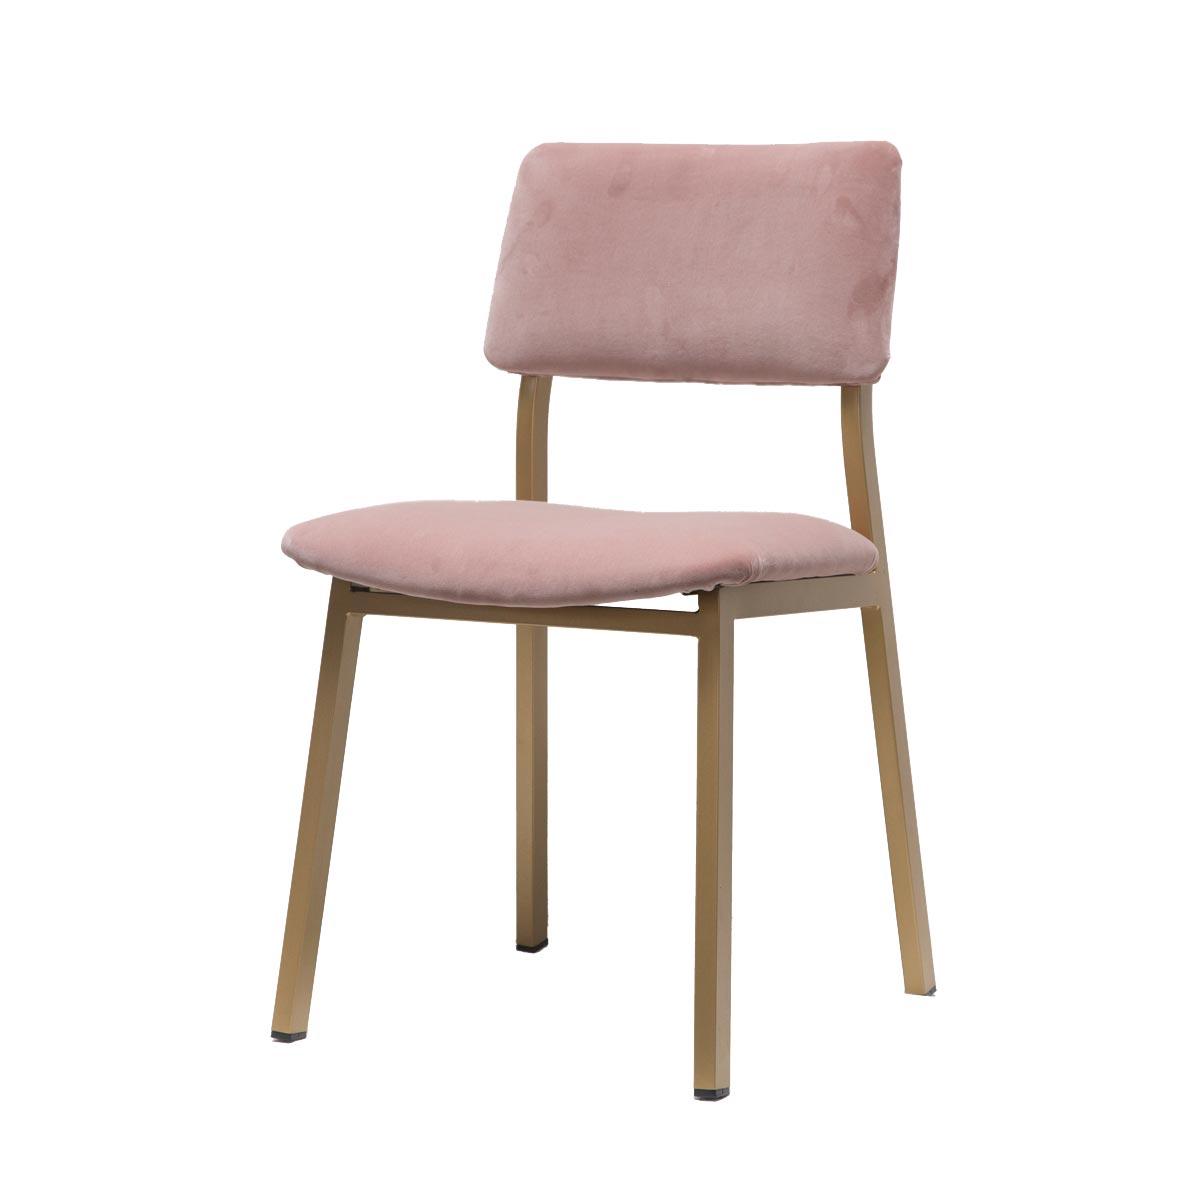 Pareja de sillas años 70. Delante